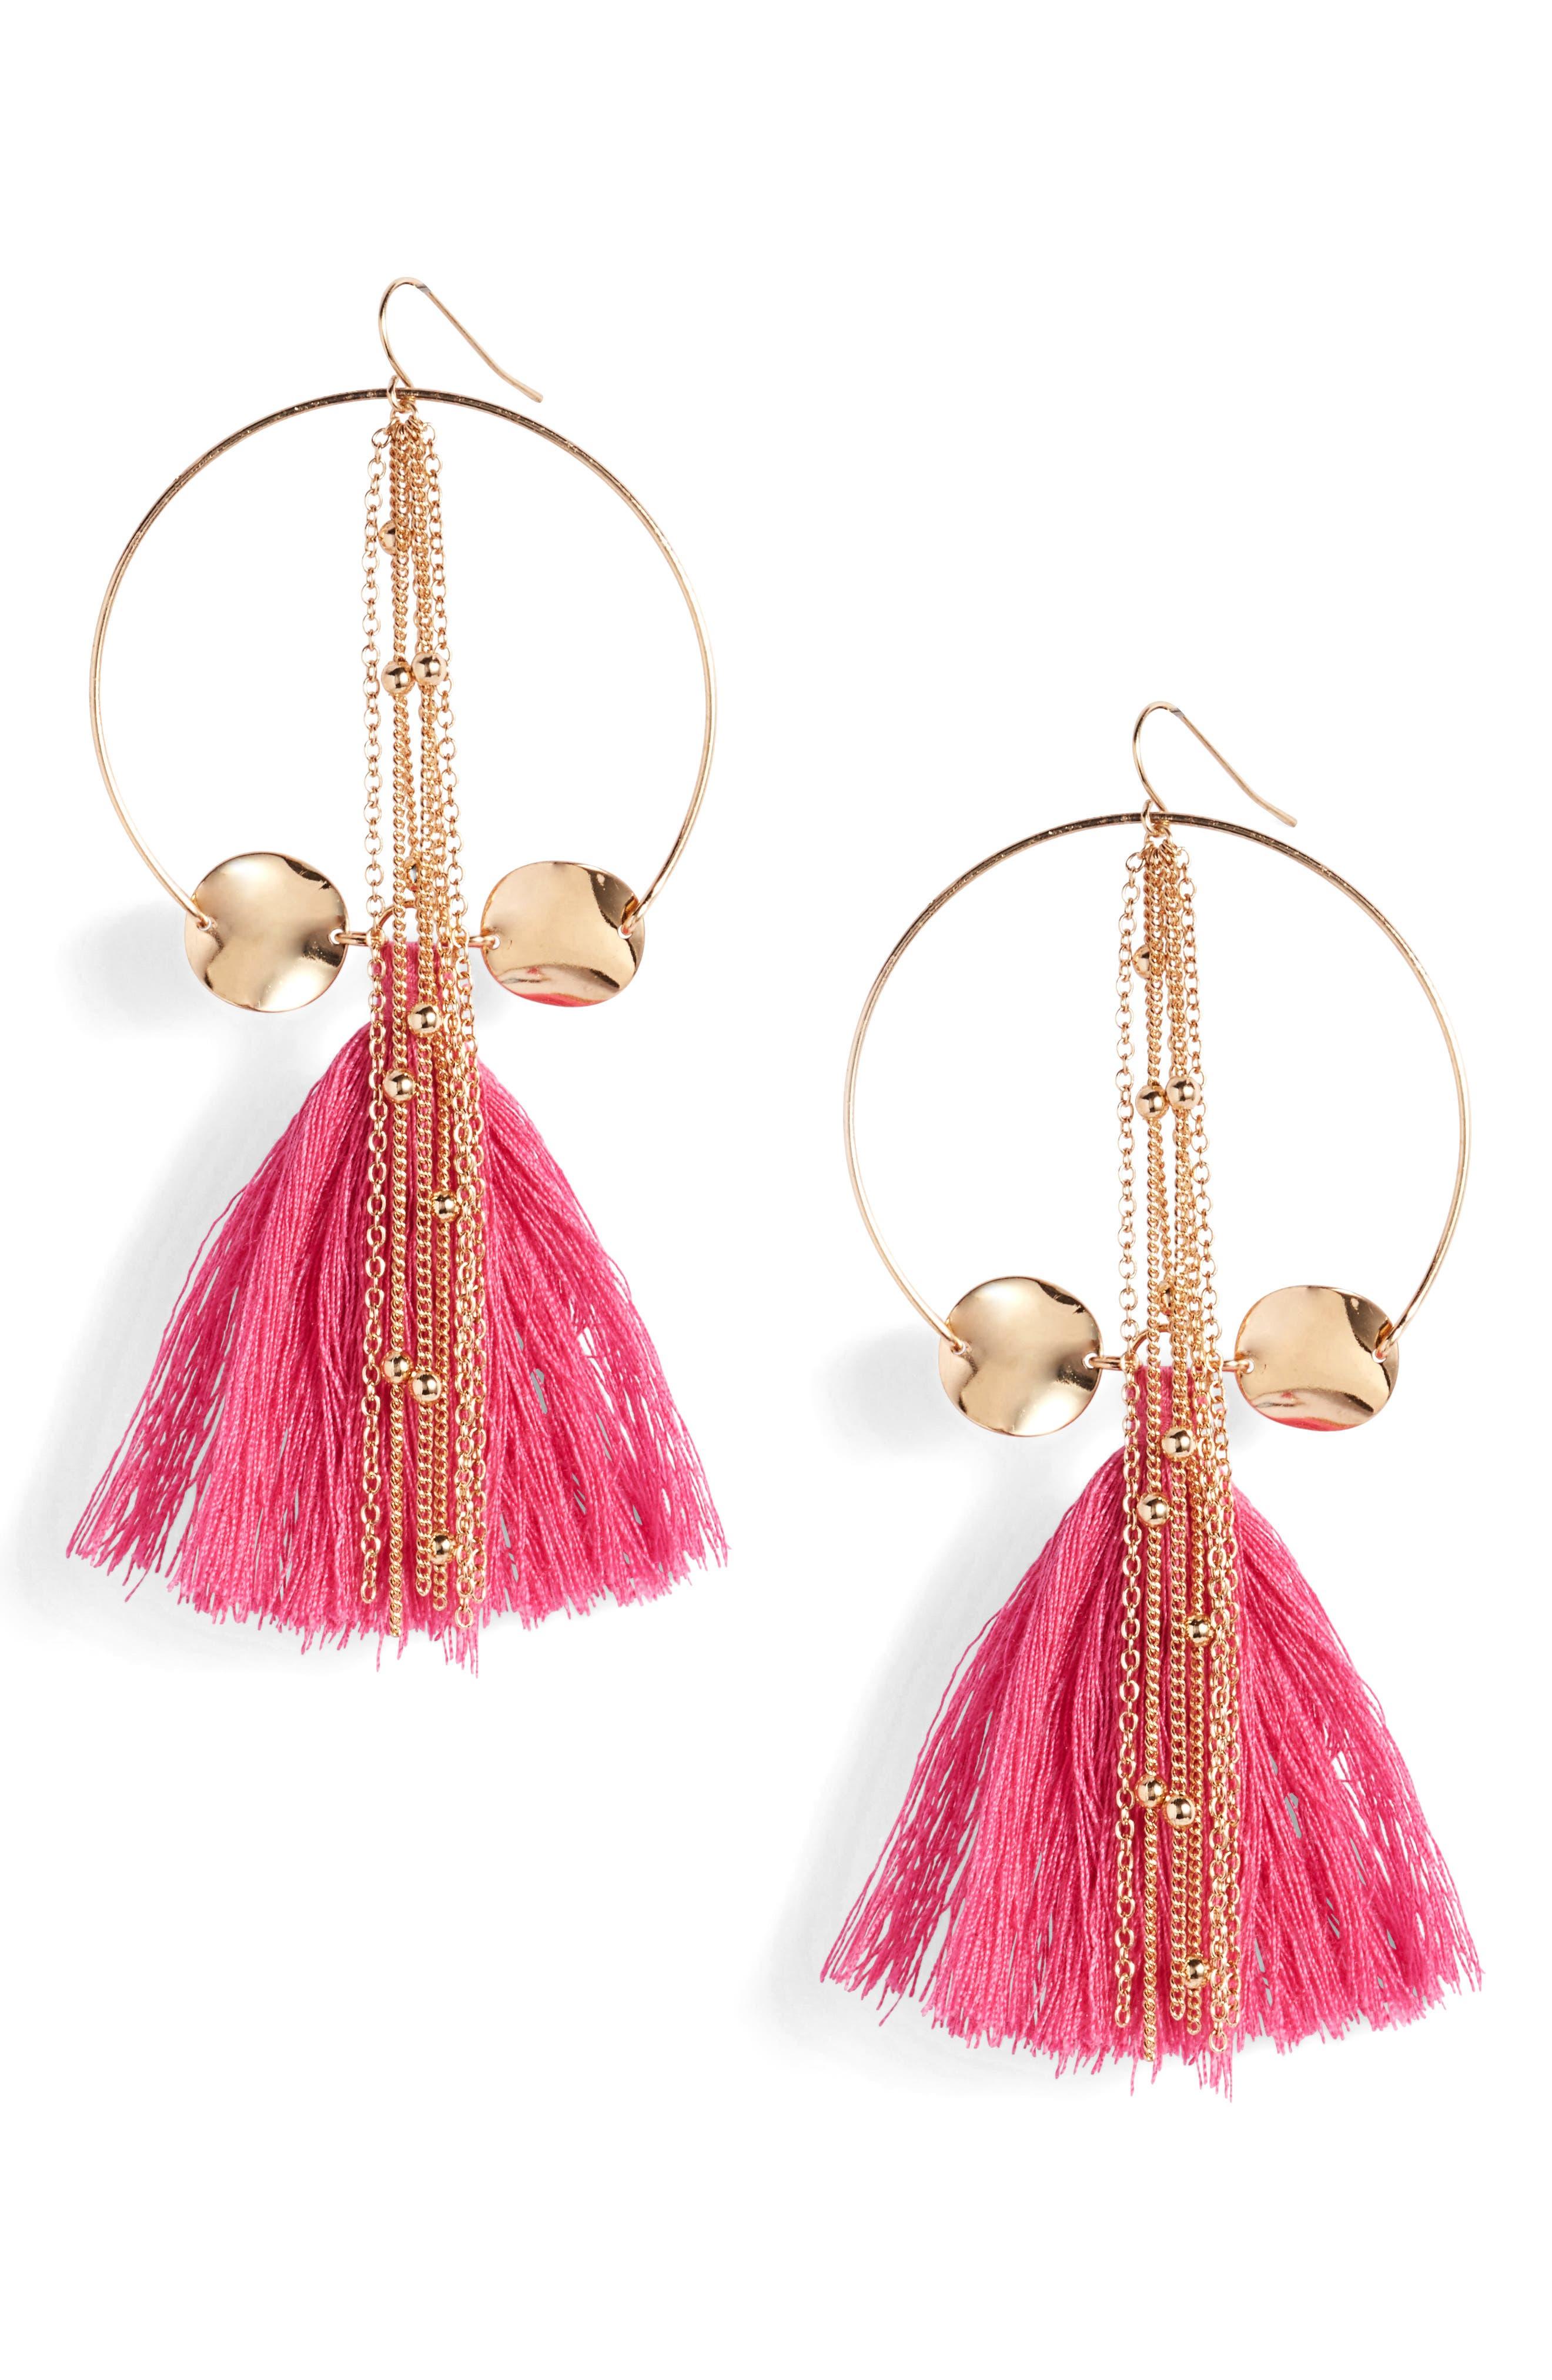 Tassel Hoop Earrings,                         Main,                         color, Pink/ Gold